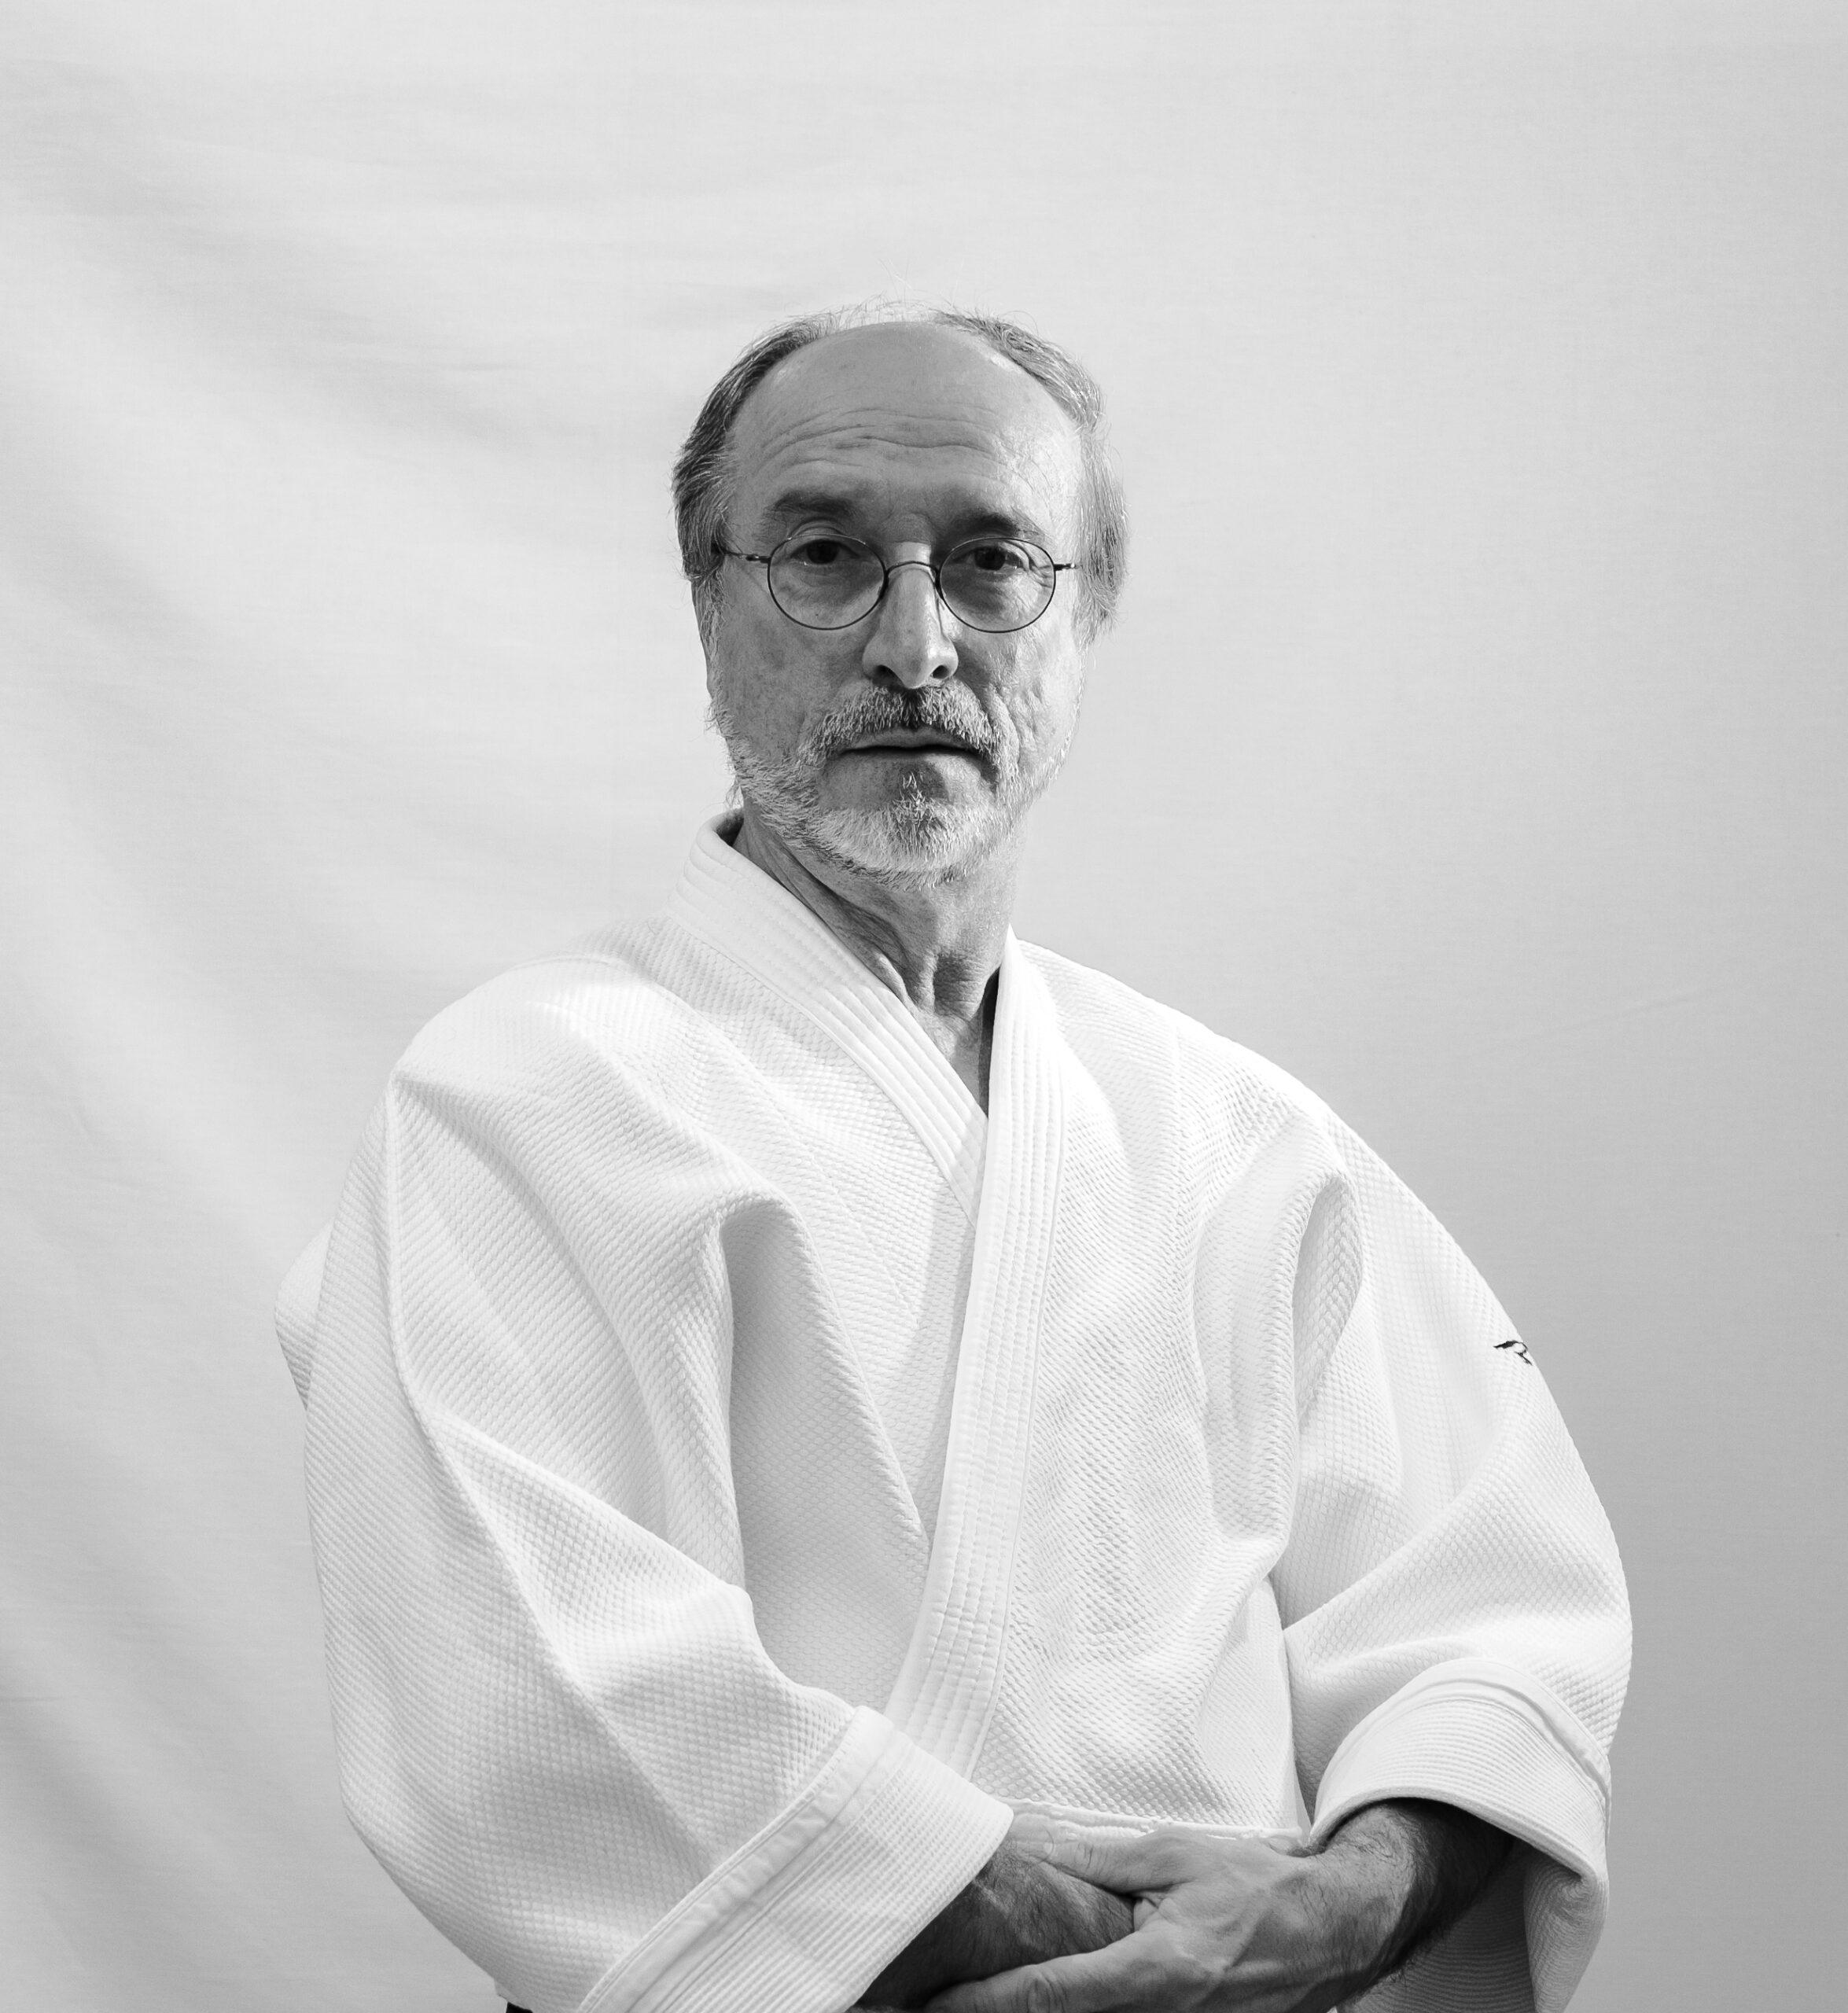 Mauro Giardino